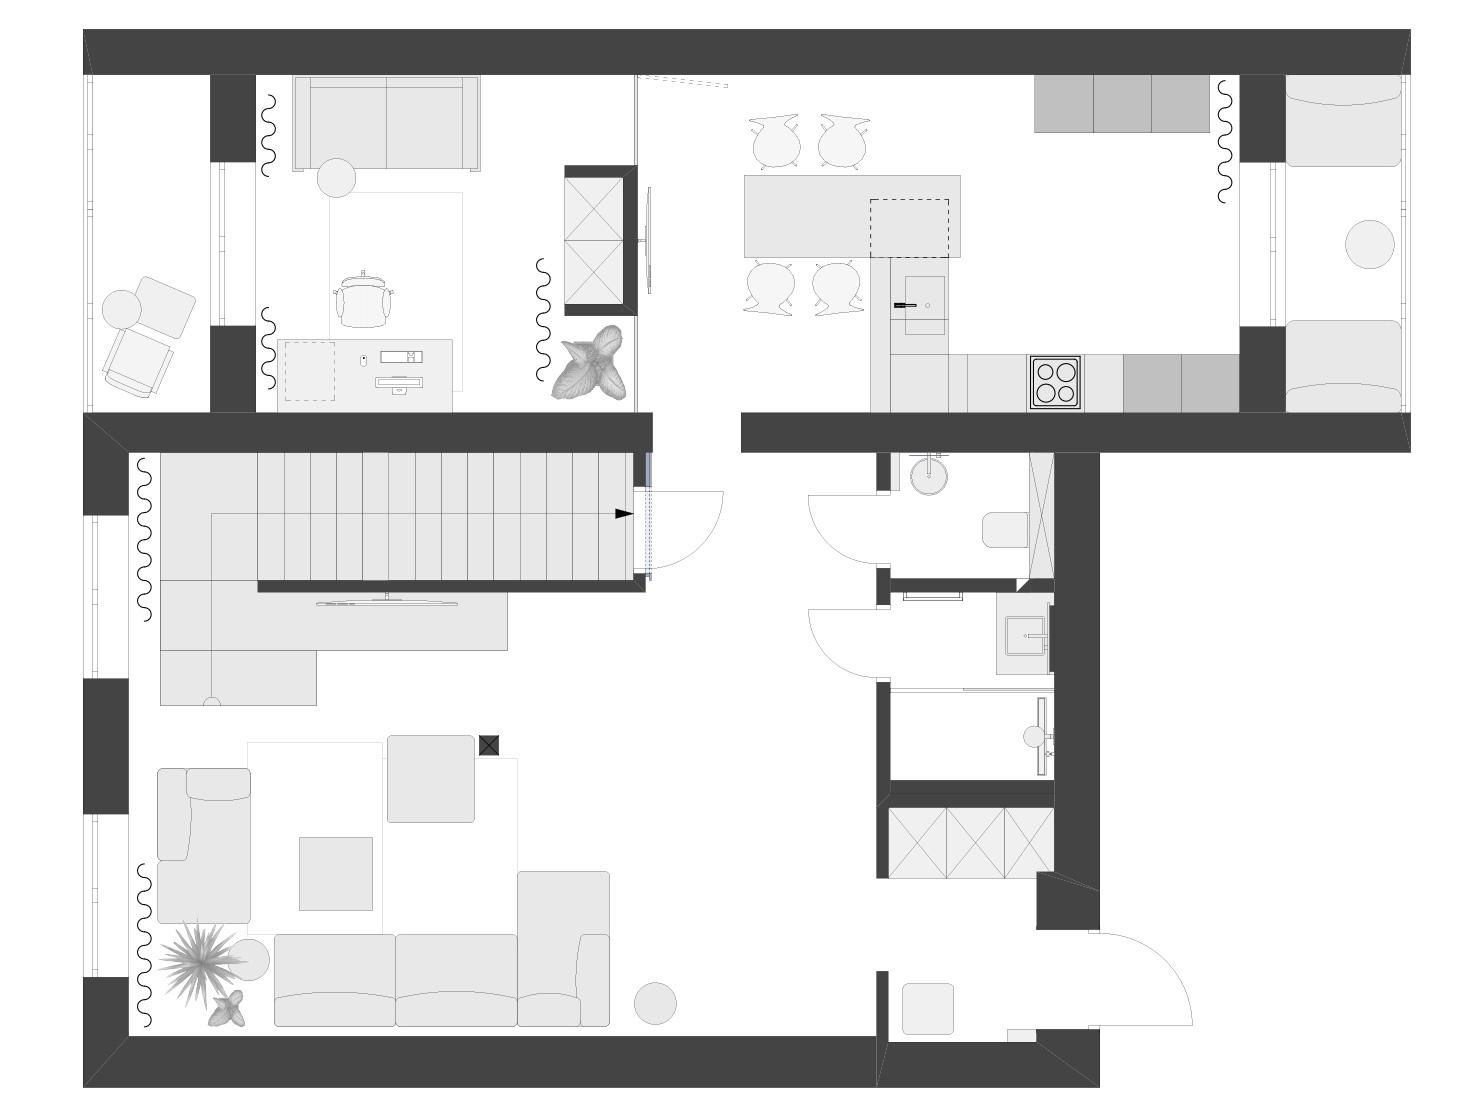 Планировка двухэтажной квартиры фото